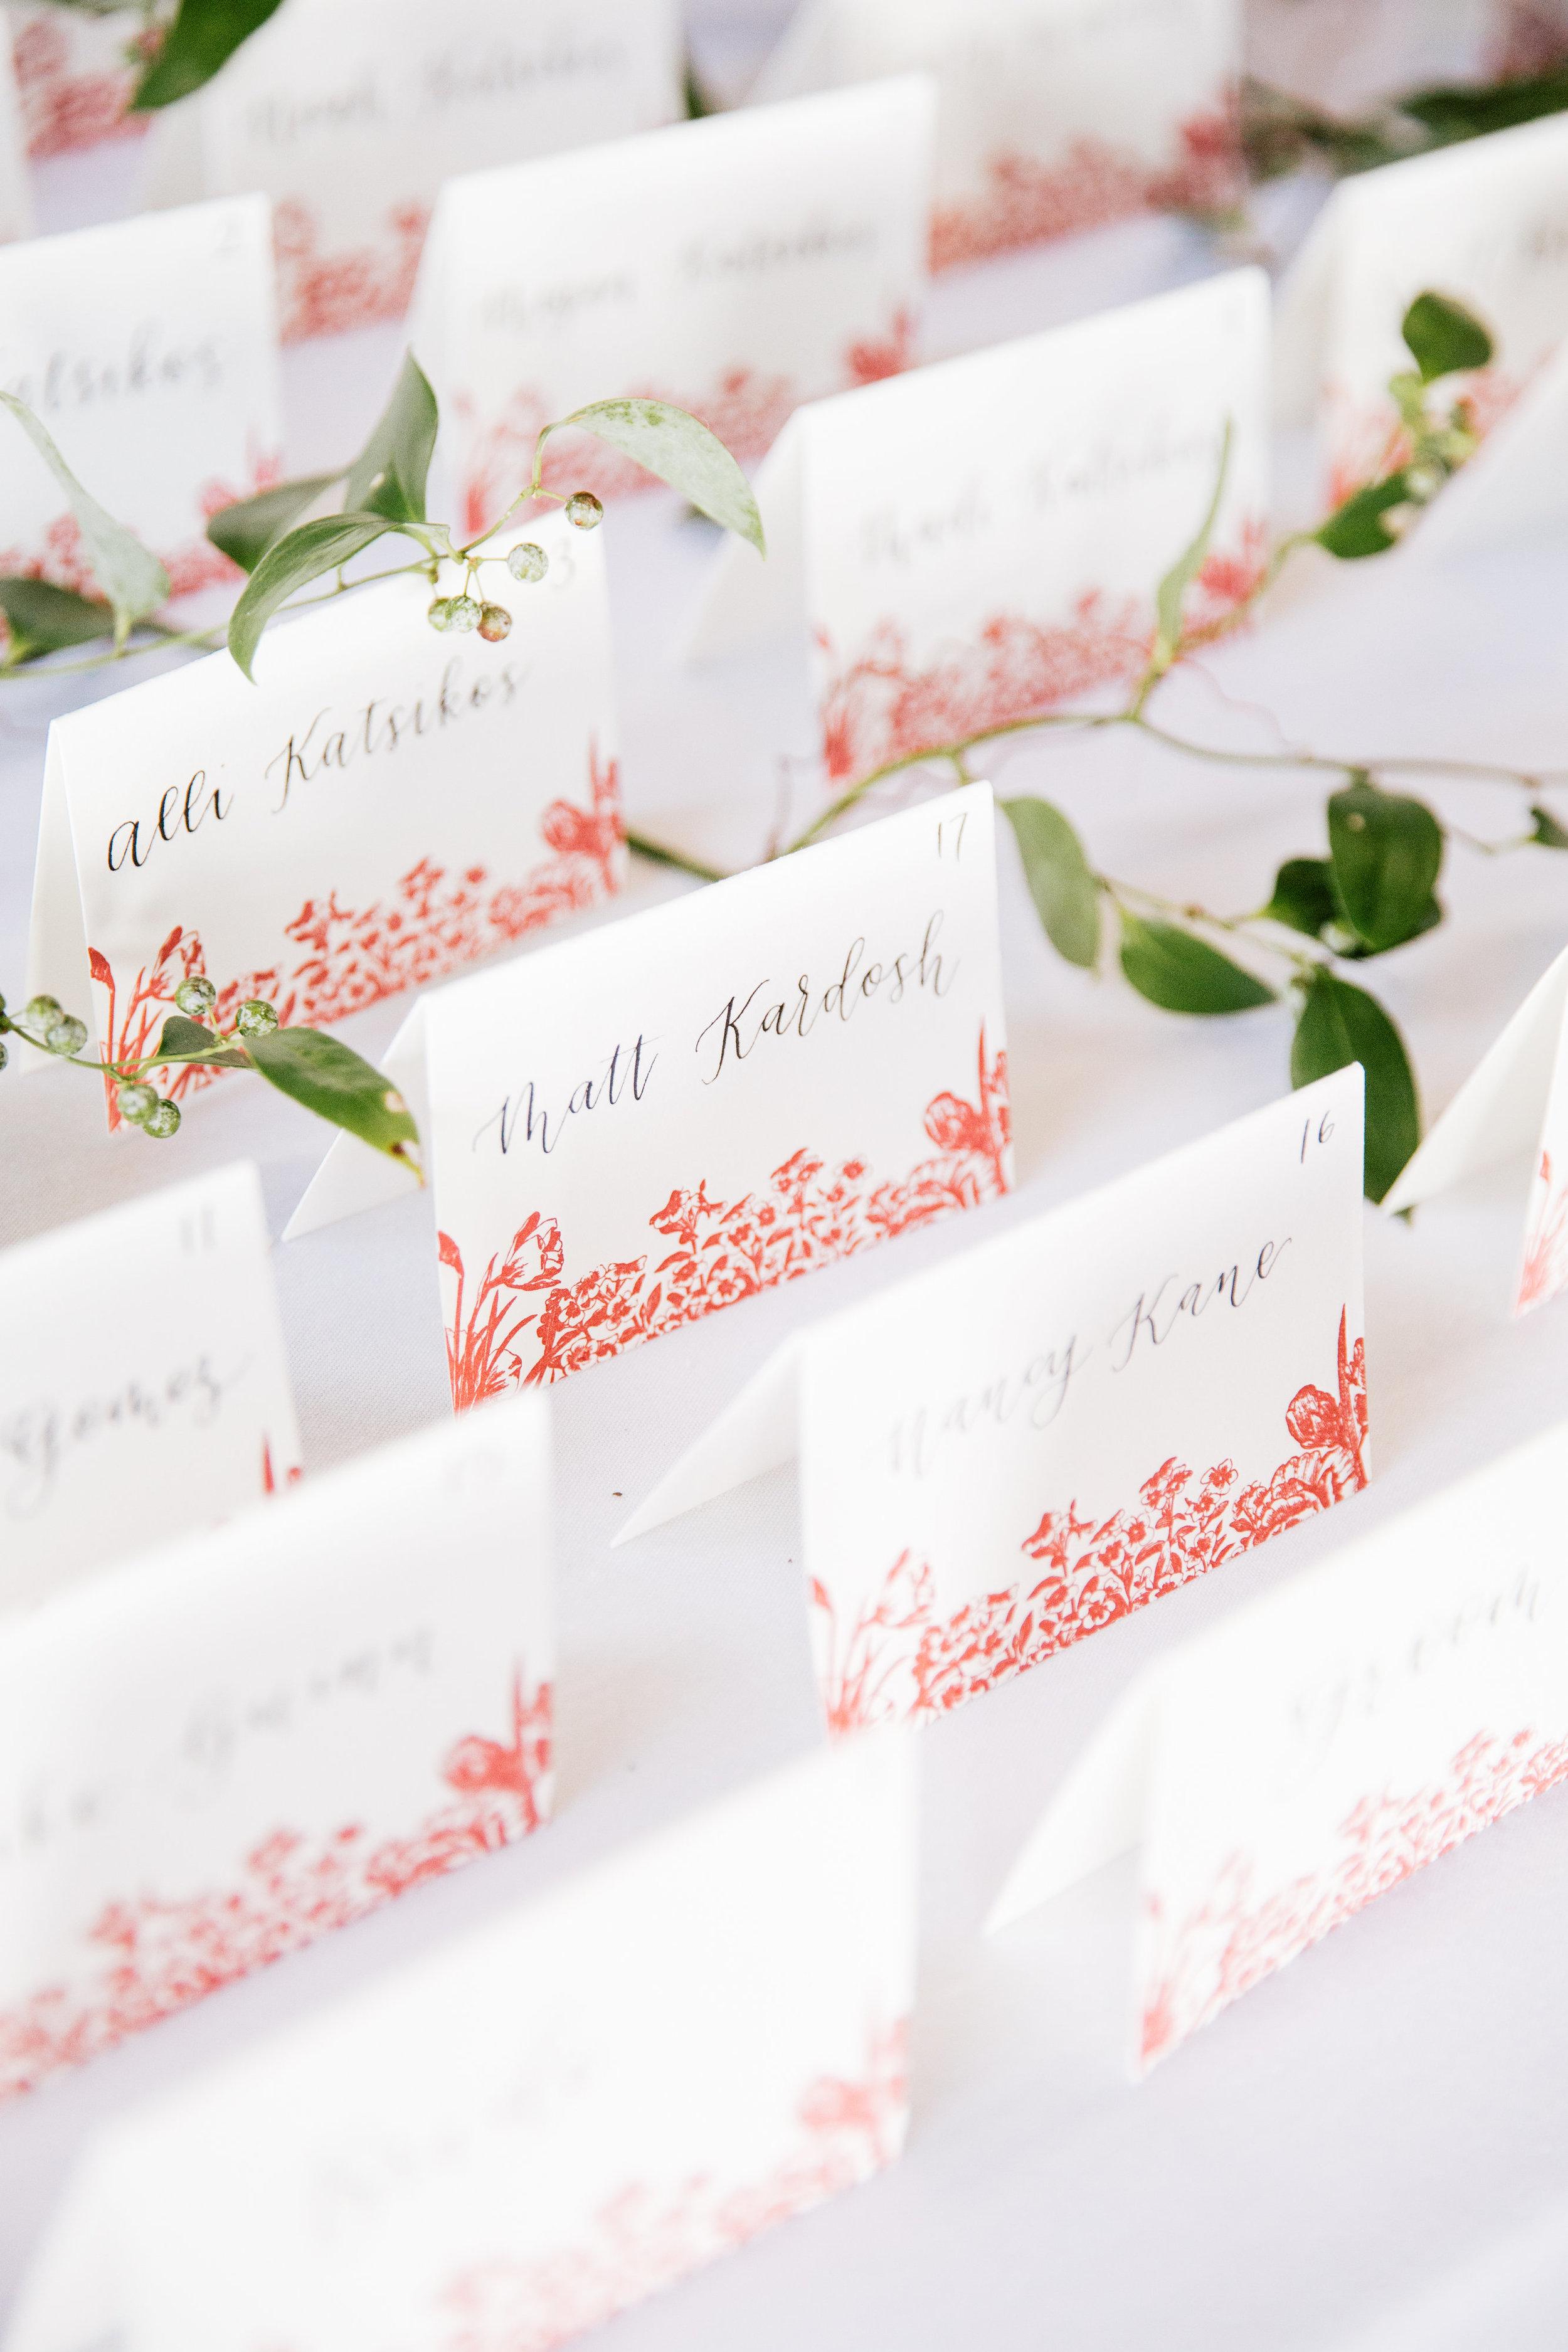 Engaged-Asheville-Joy-Unscripted-Wedding-Calligrapher-Anastasiia-Photography-14.jpg